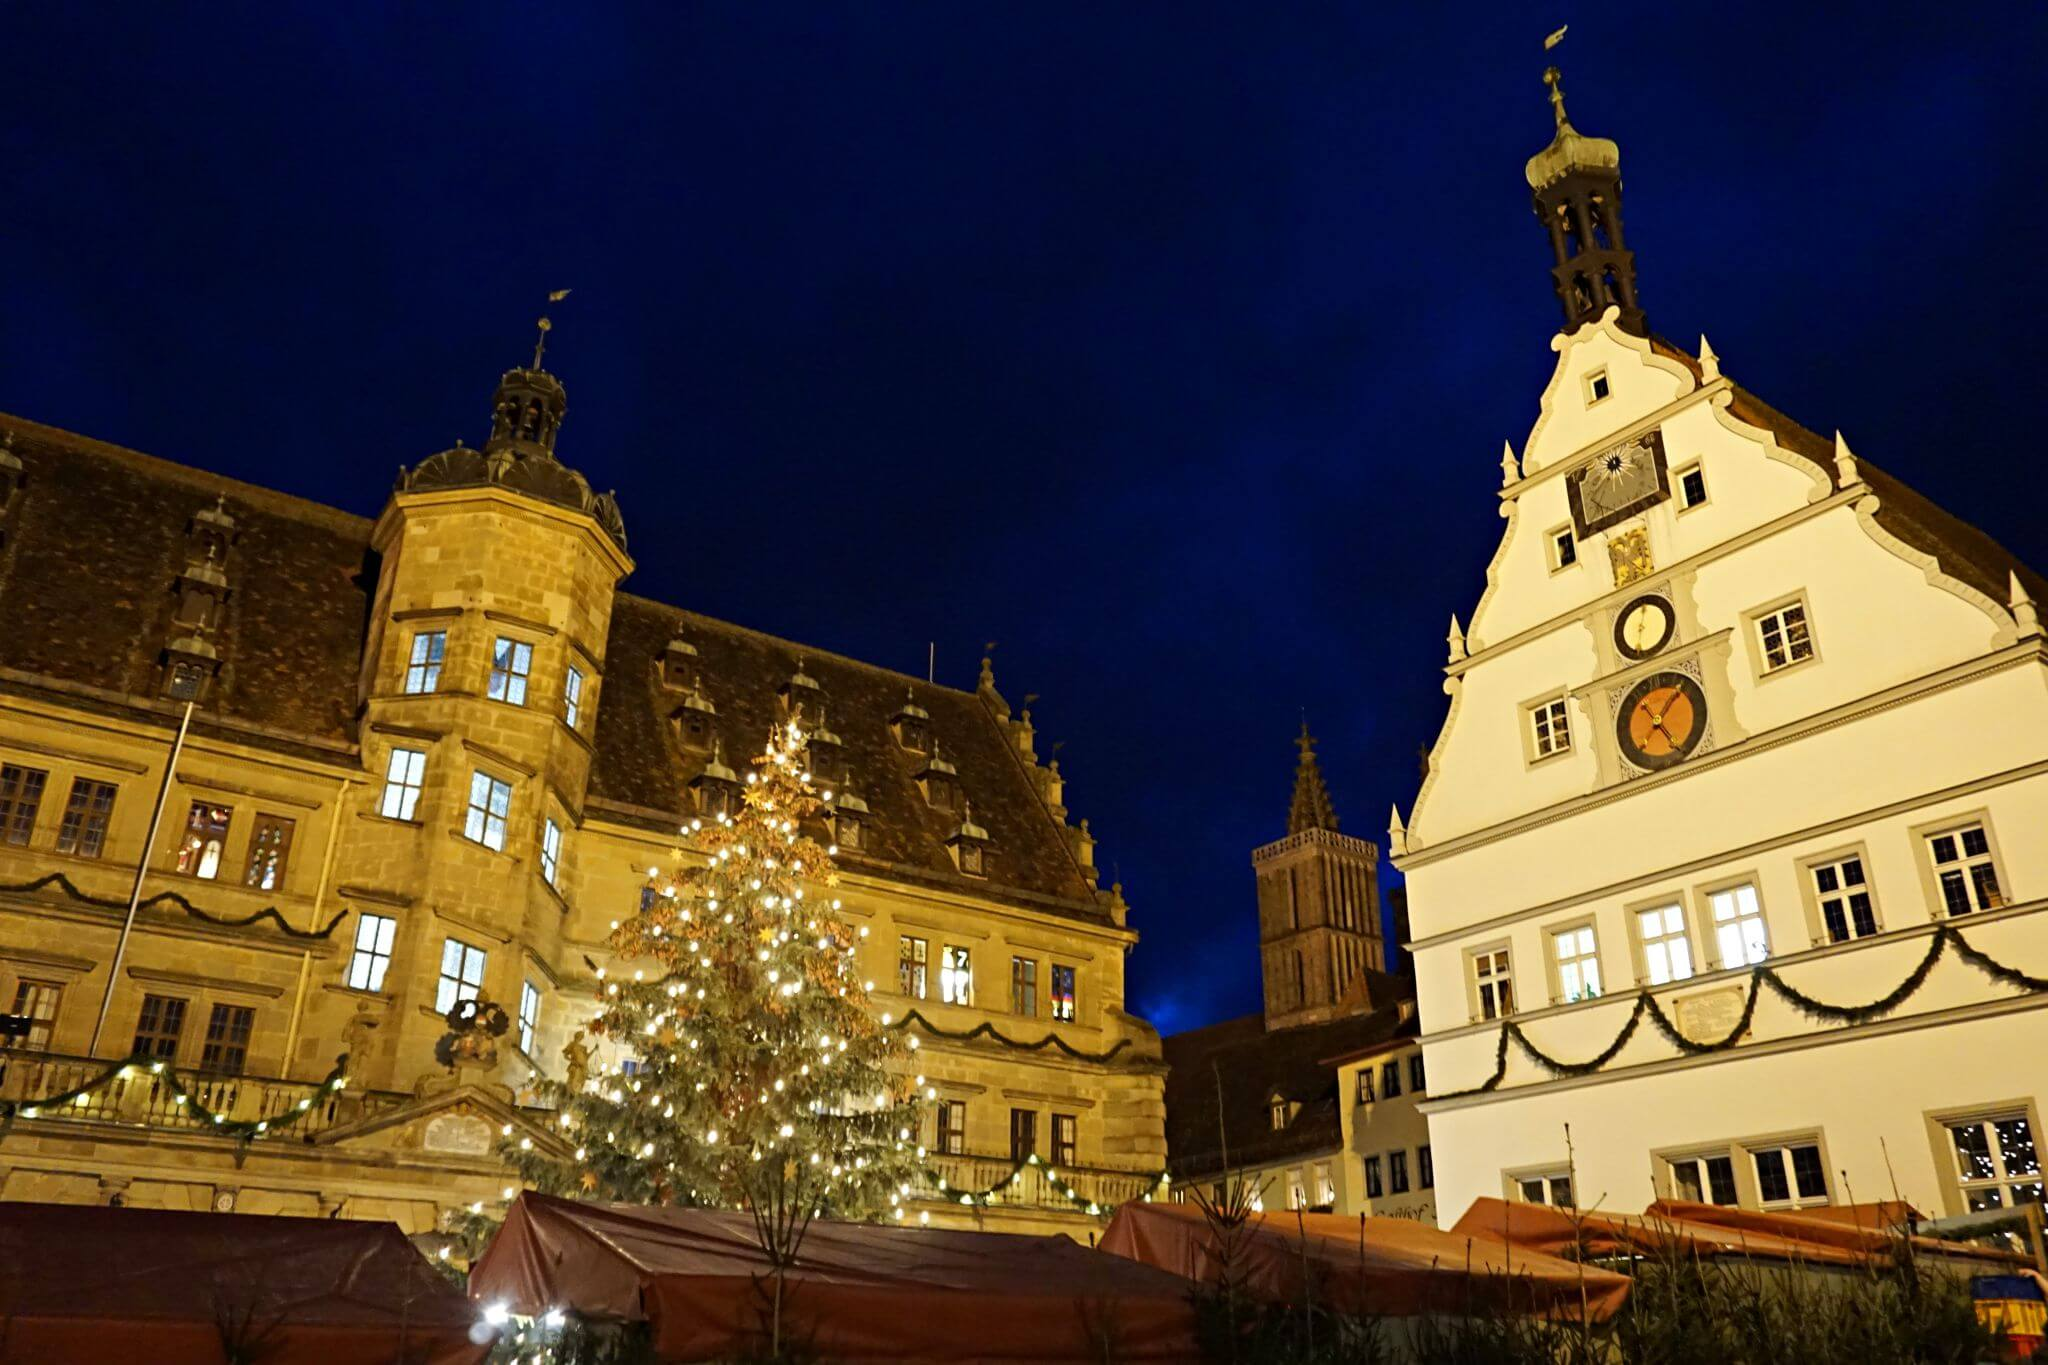 Ayuntamiento de Rothenburg ob der Tauber